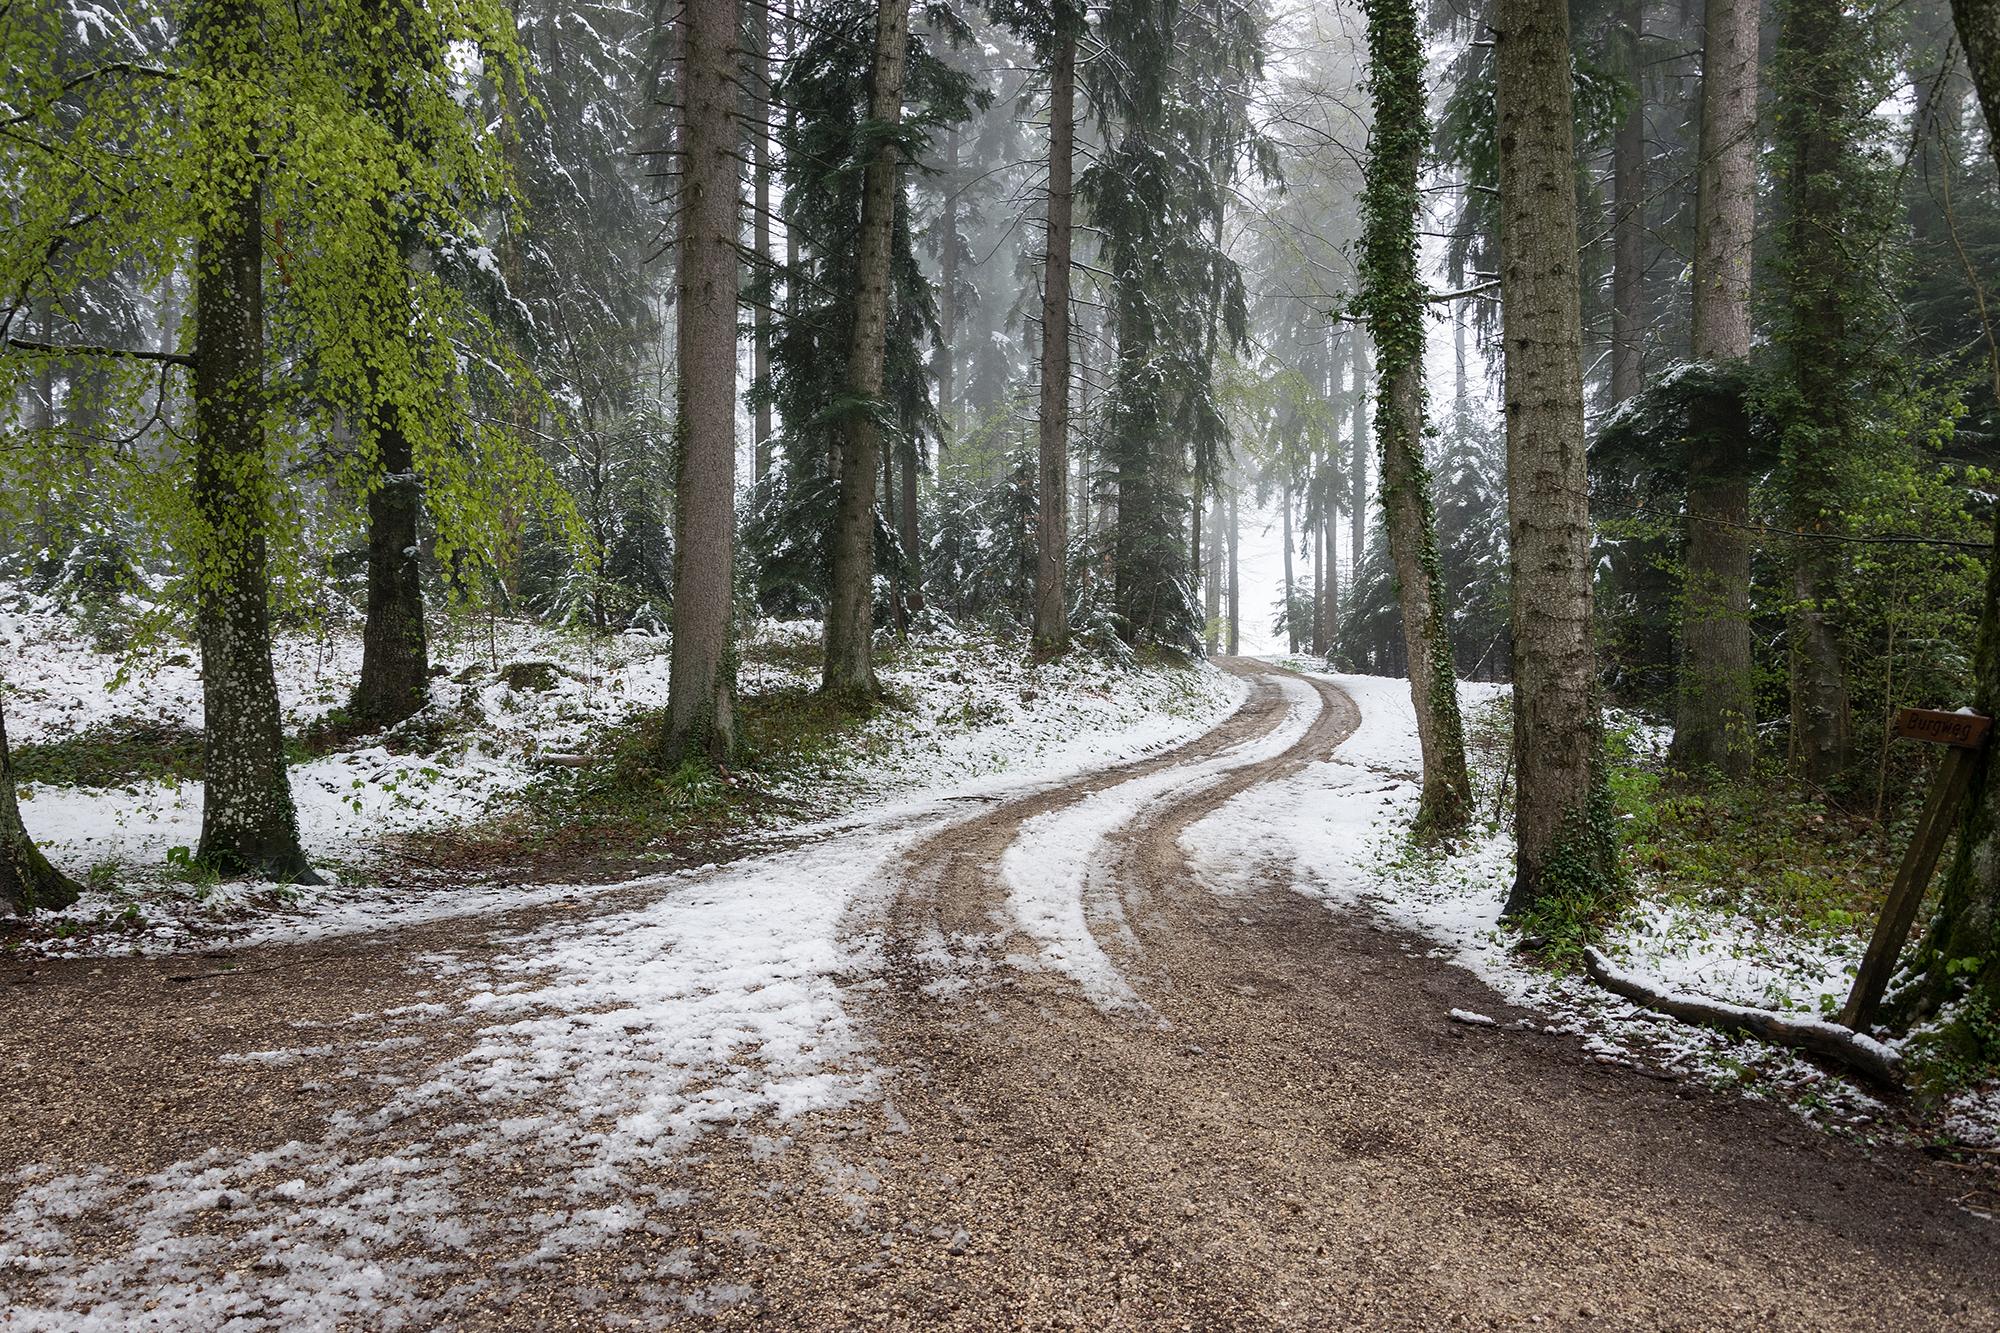 Der Weg ist mit Schnee bedeckt.